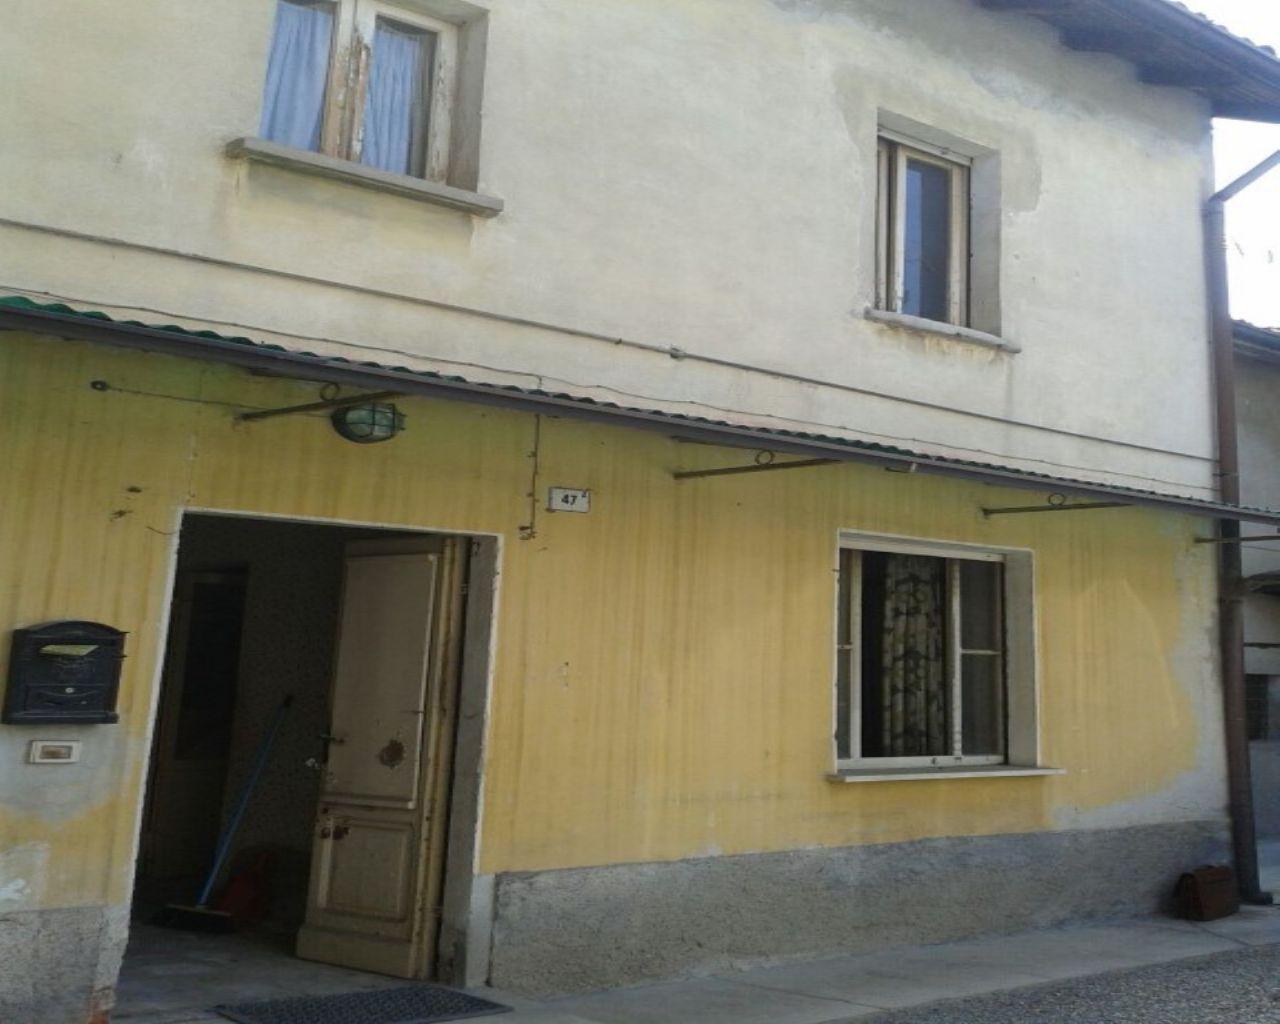 Soluzione Indipendente in vendita a San Colombano al Lambro, 4 locali, prezzo € 79.000 | Cambio Casa.it